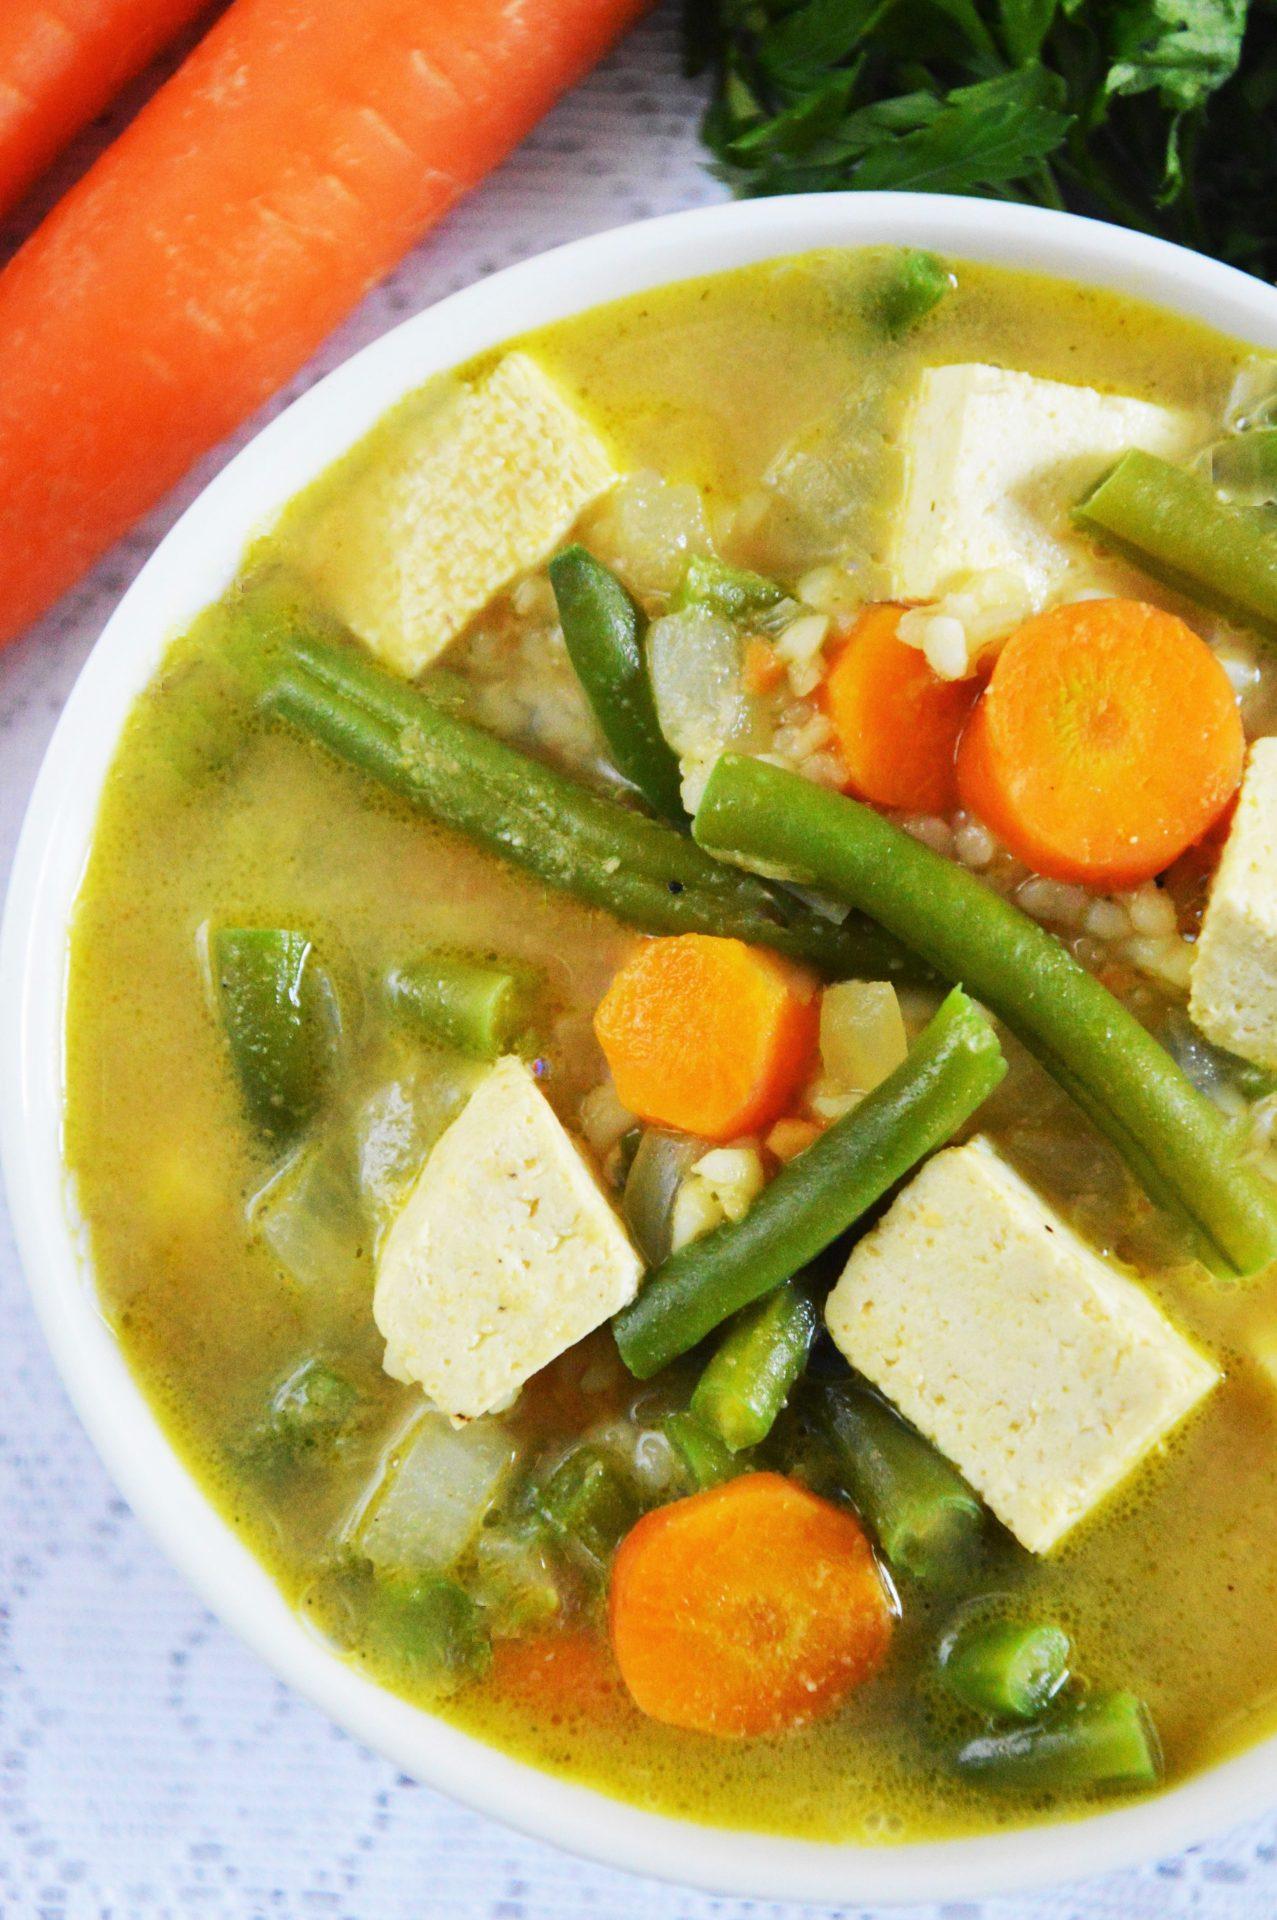 Pomysły na szybkie kolacje - zupa z fasolki